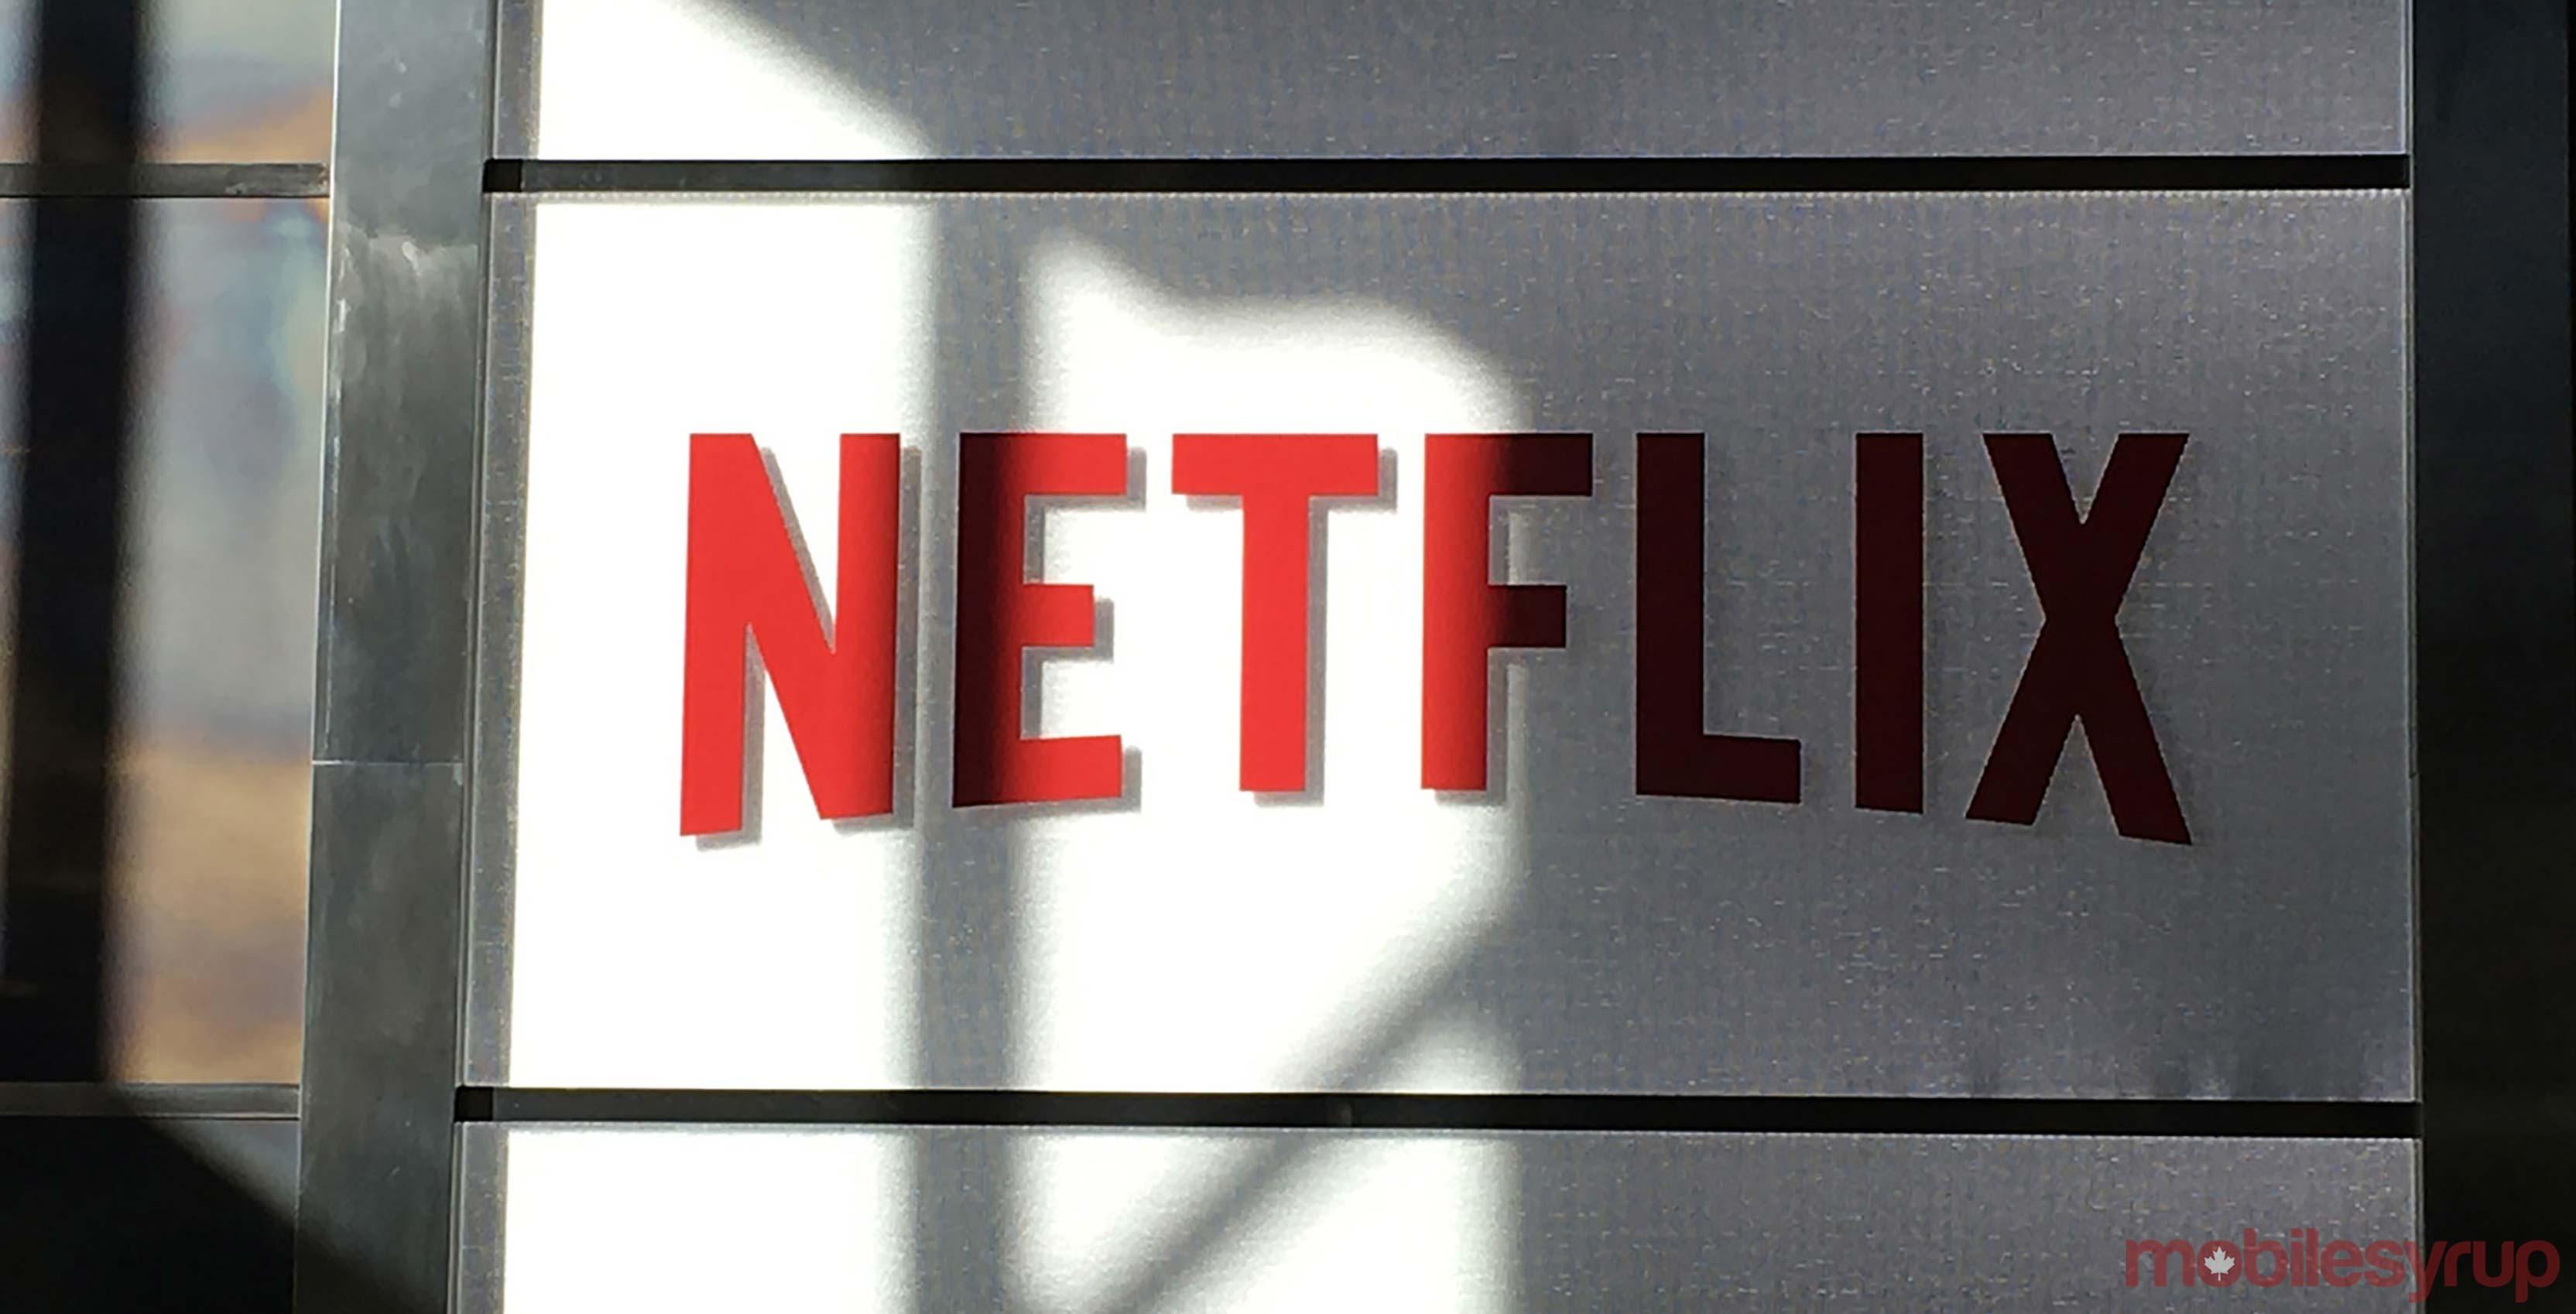 netflix wall logo - Netflix bill nye saves the world